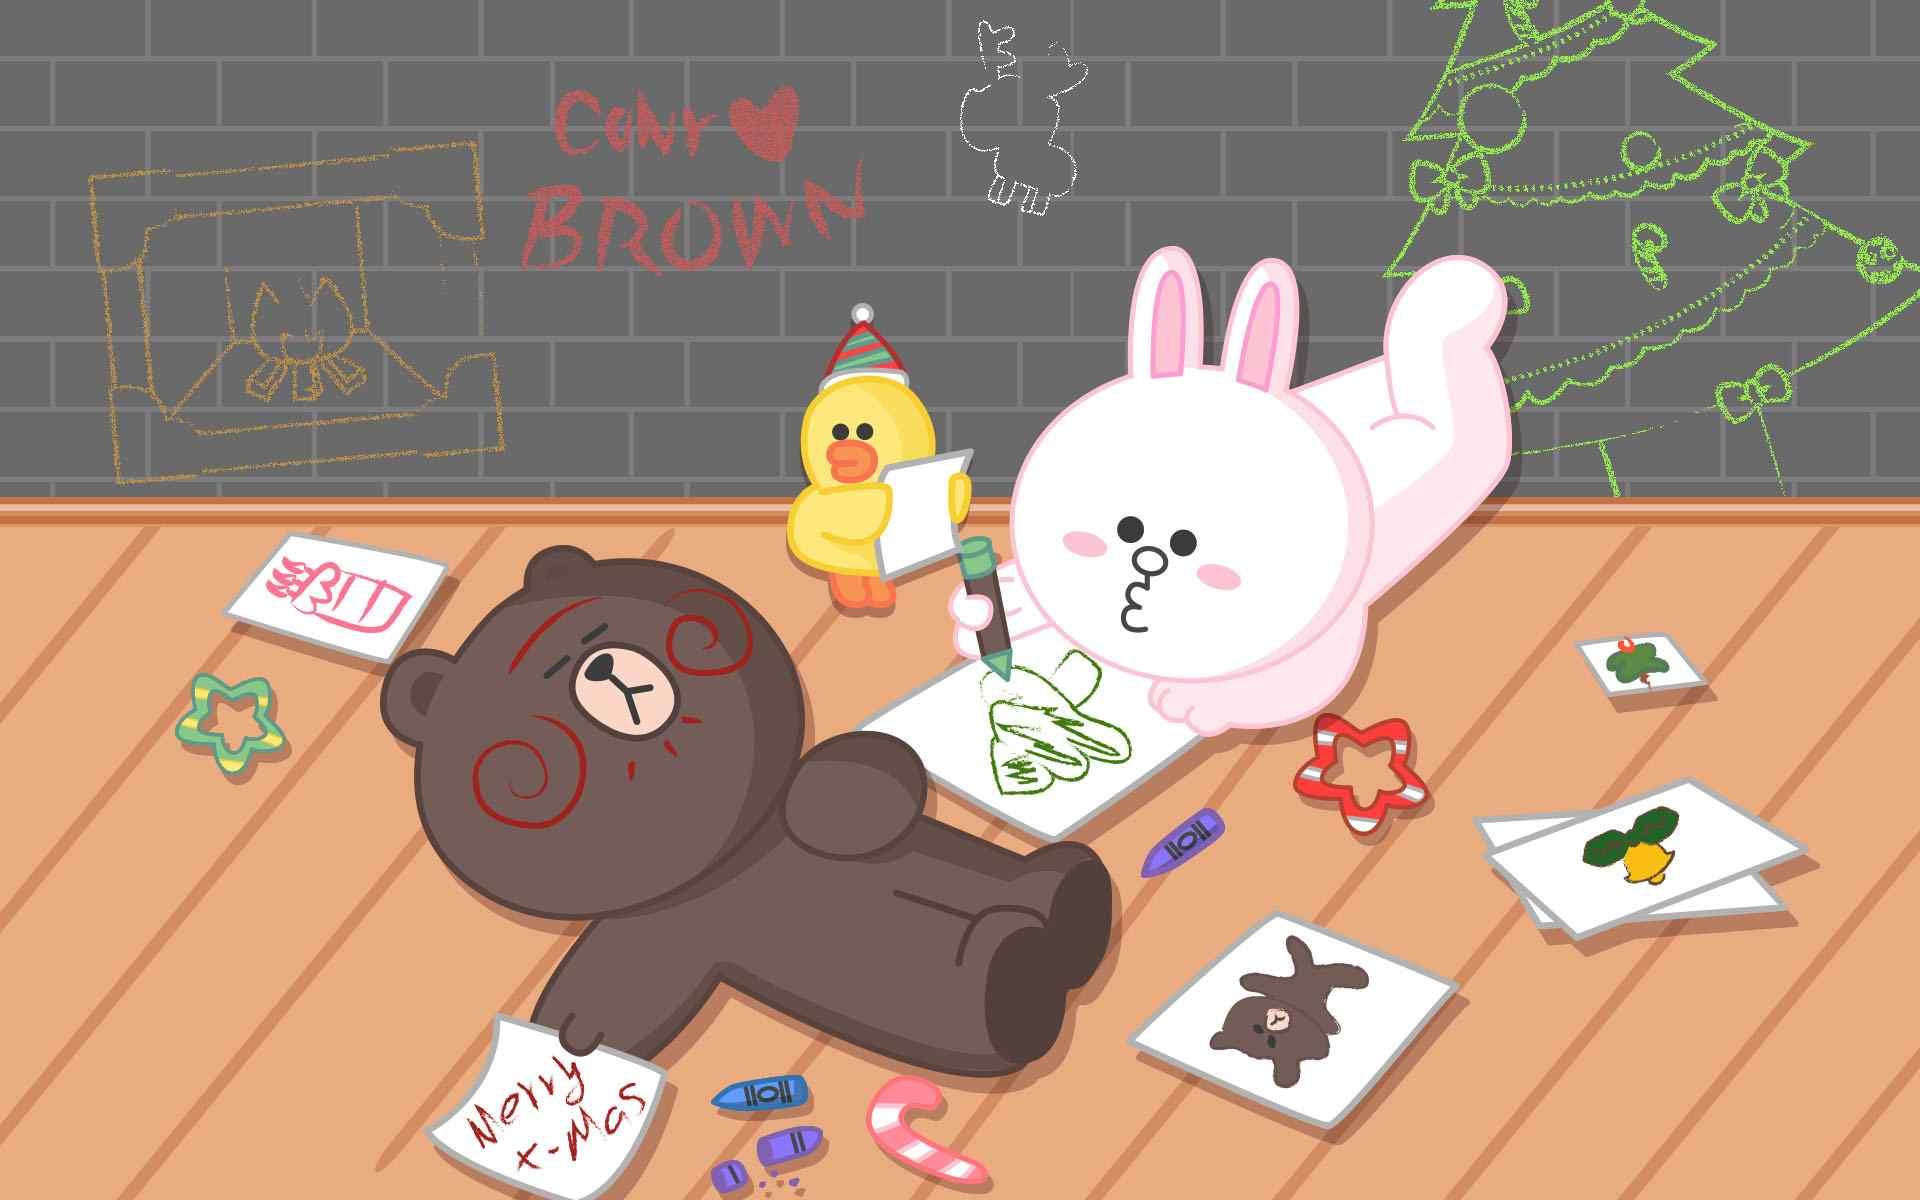 布朗熊和可妮兔桌面_可爱的Line Friends 桌面壁纸 -桌面天下(Desktx.com)